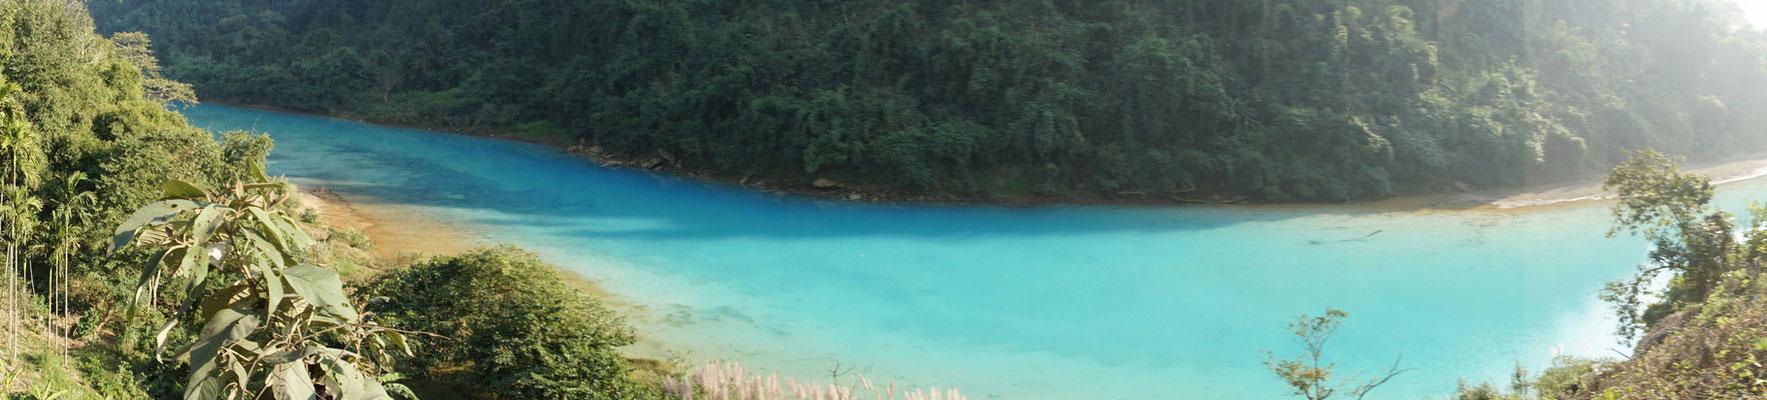 Eine blaue Lagune - auch das findet sich im Staub und Dreck, der uns sonst auf weiten Strecken begleitet... FREUDE...!